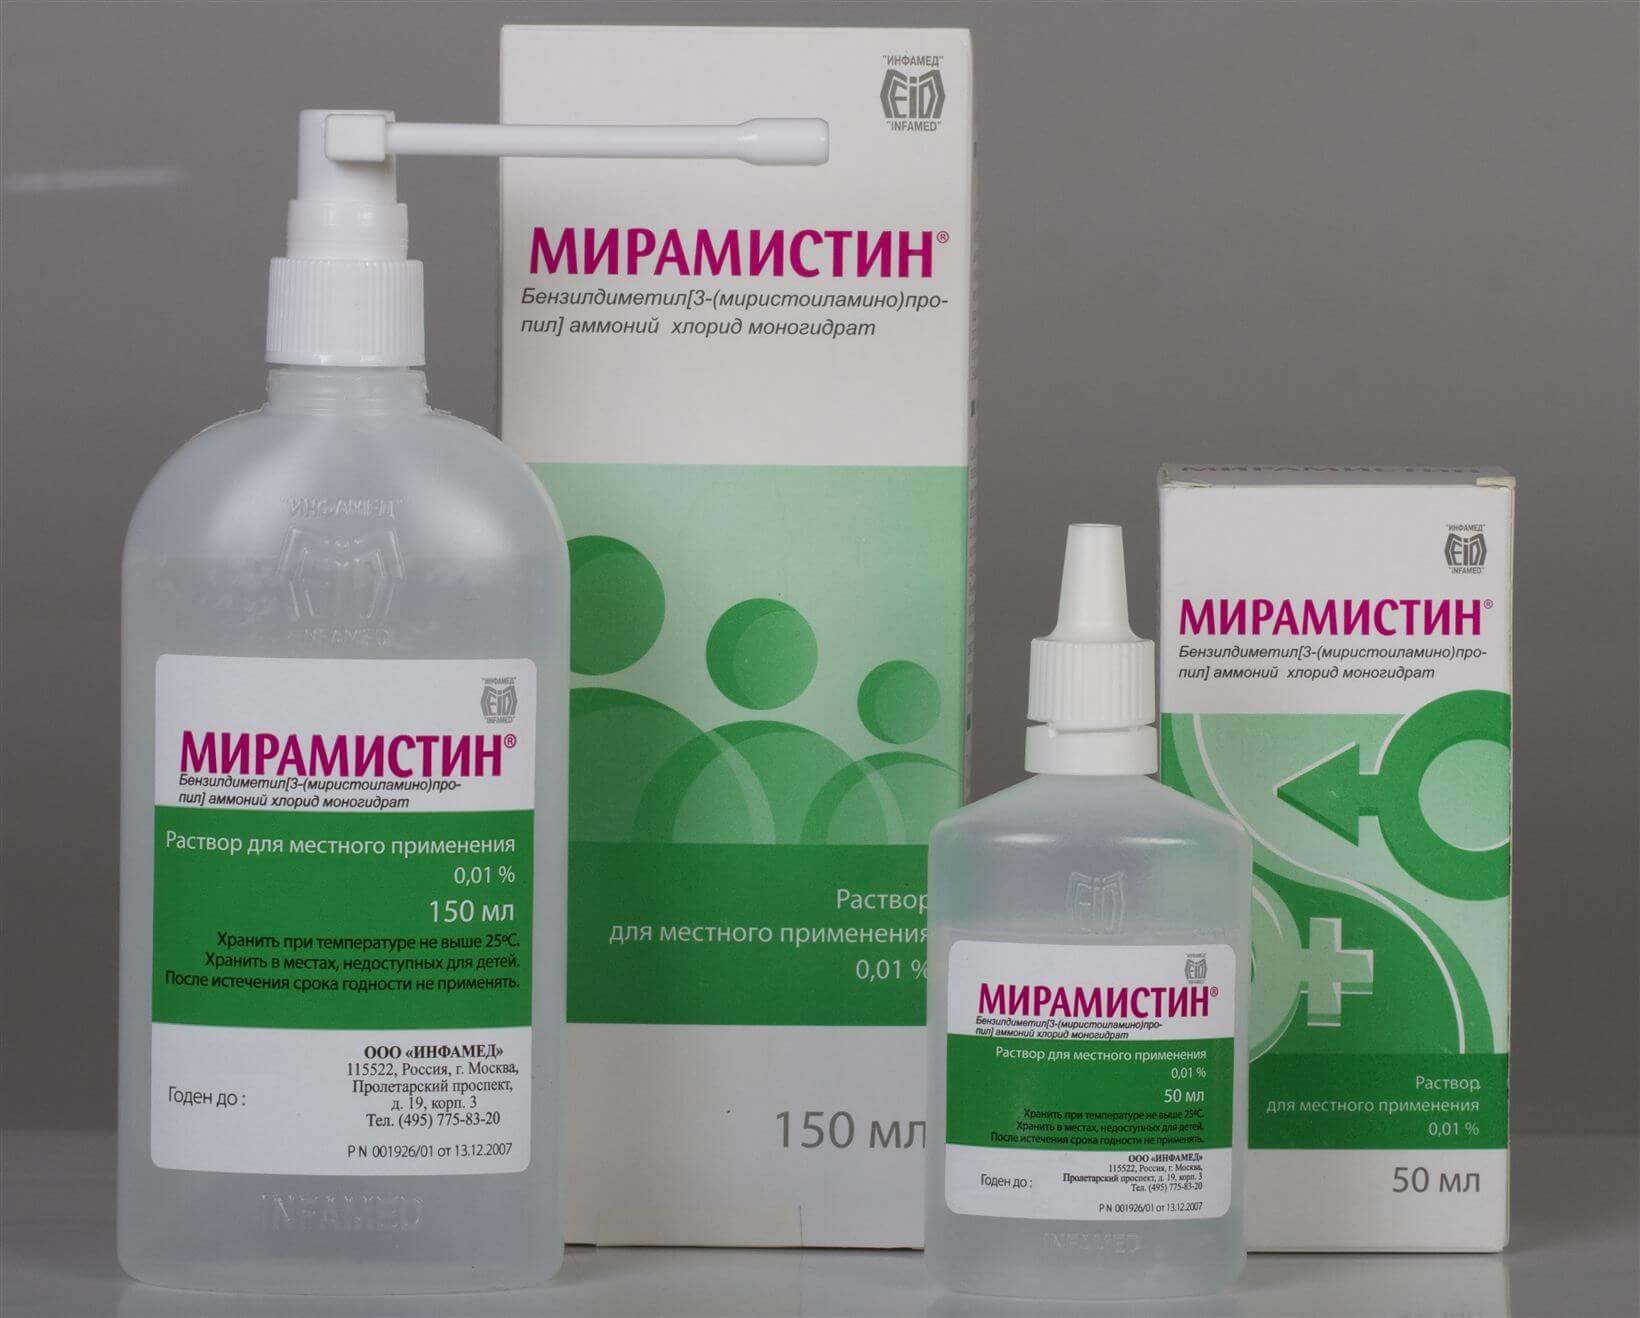 Мирамистин в гинекологии как применять при молочнице